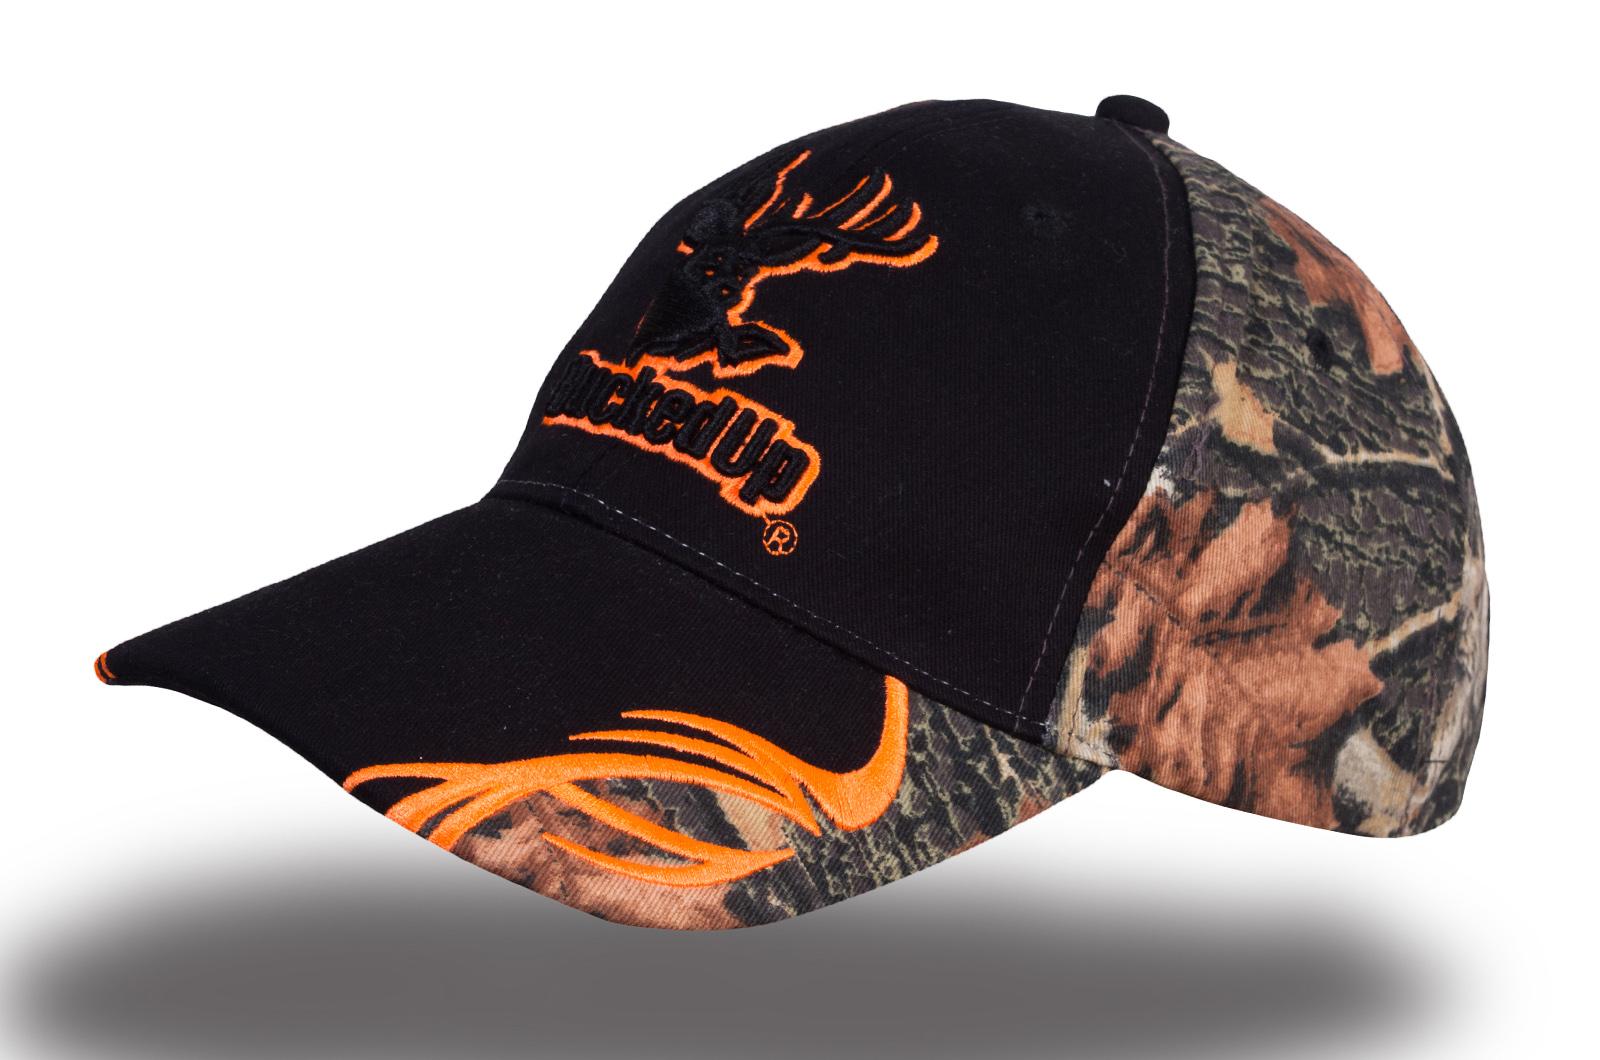 Кепка для охотника с 3D-вышивкой - купить в интернет-магазине с доставкой